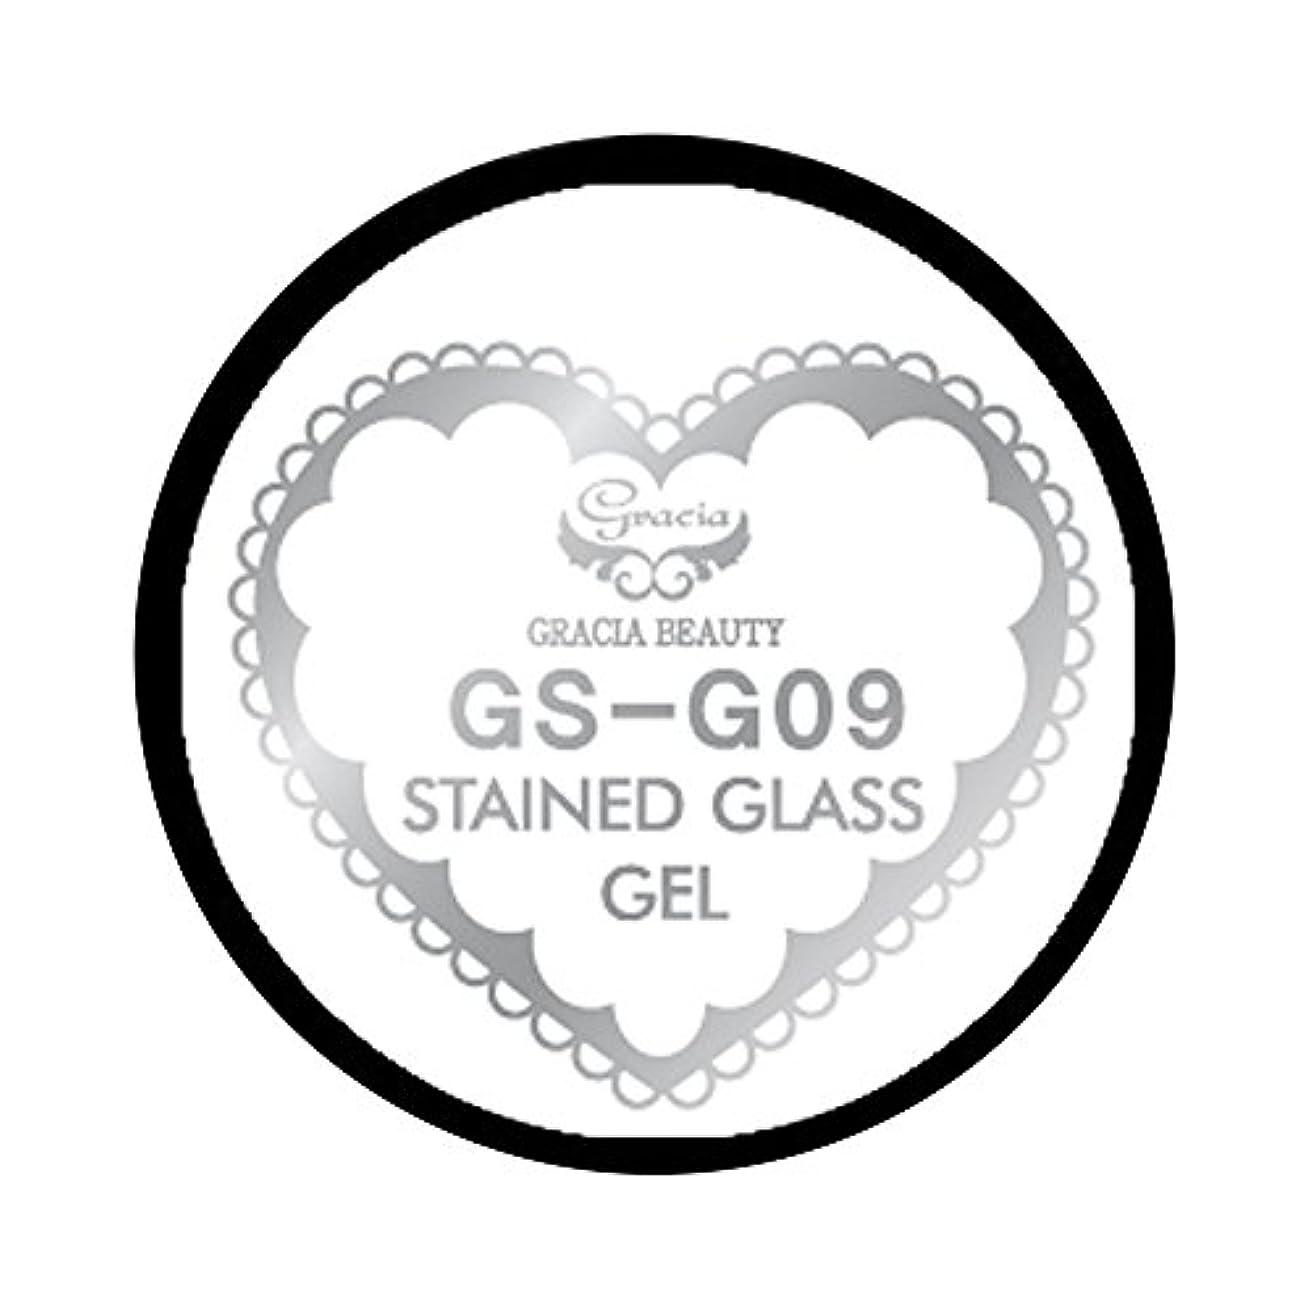 最初ブルゴーニュ含意グラシア ジェルネイル ステンドグラスジェル GSM-G09 3g  グリッター UV/LED対応 カラージェル ソークオフジェル ガラスのような透明感